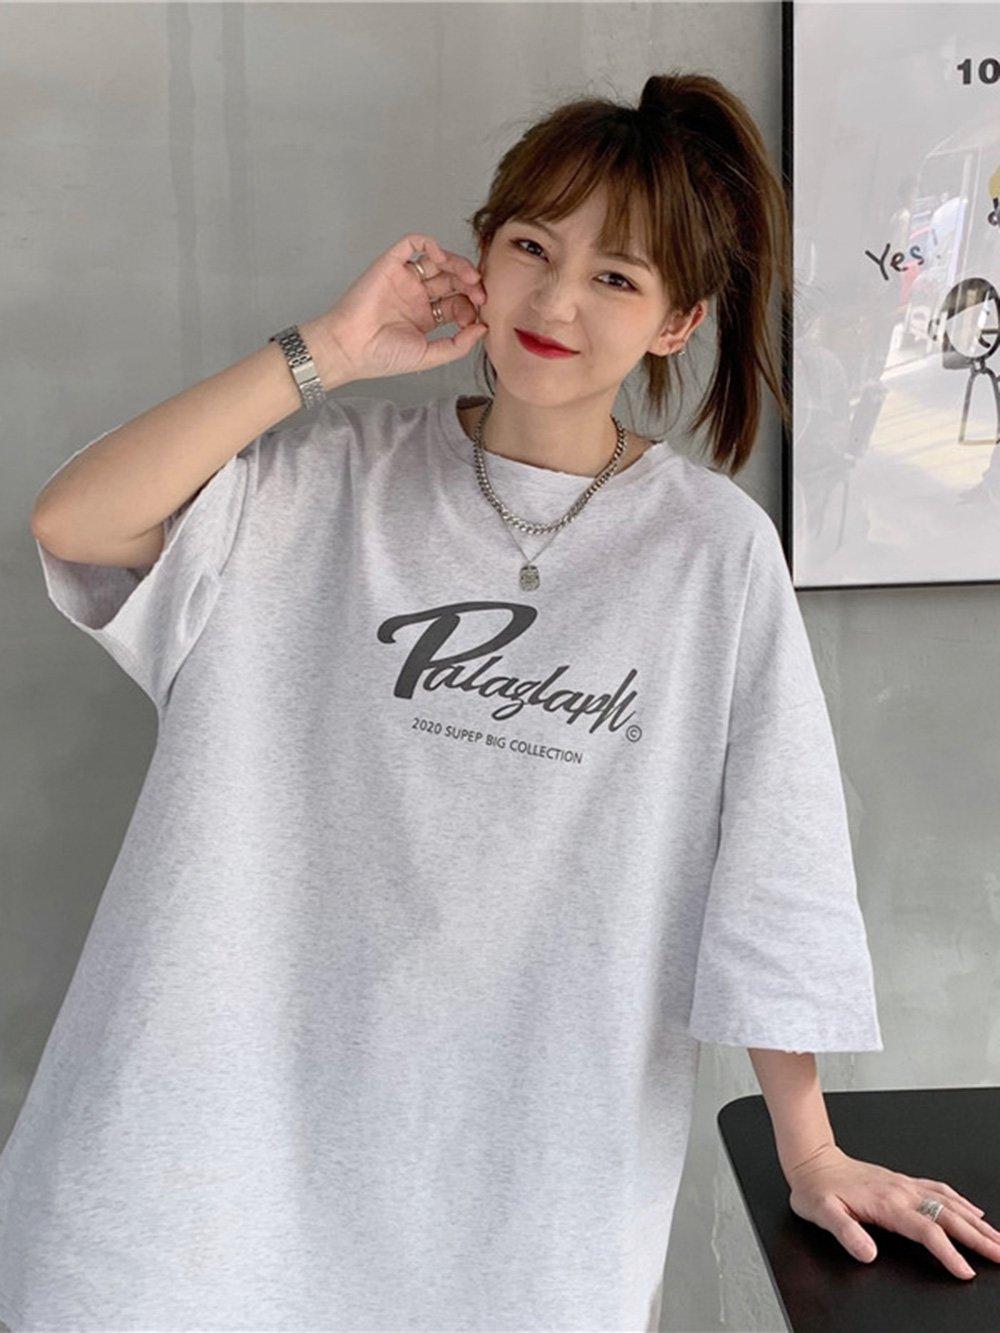 【広州仕入れ】レターワードプリントラージサイズ半袖Tシャツ